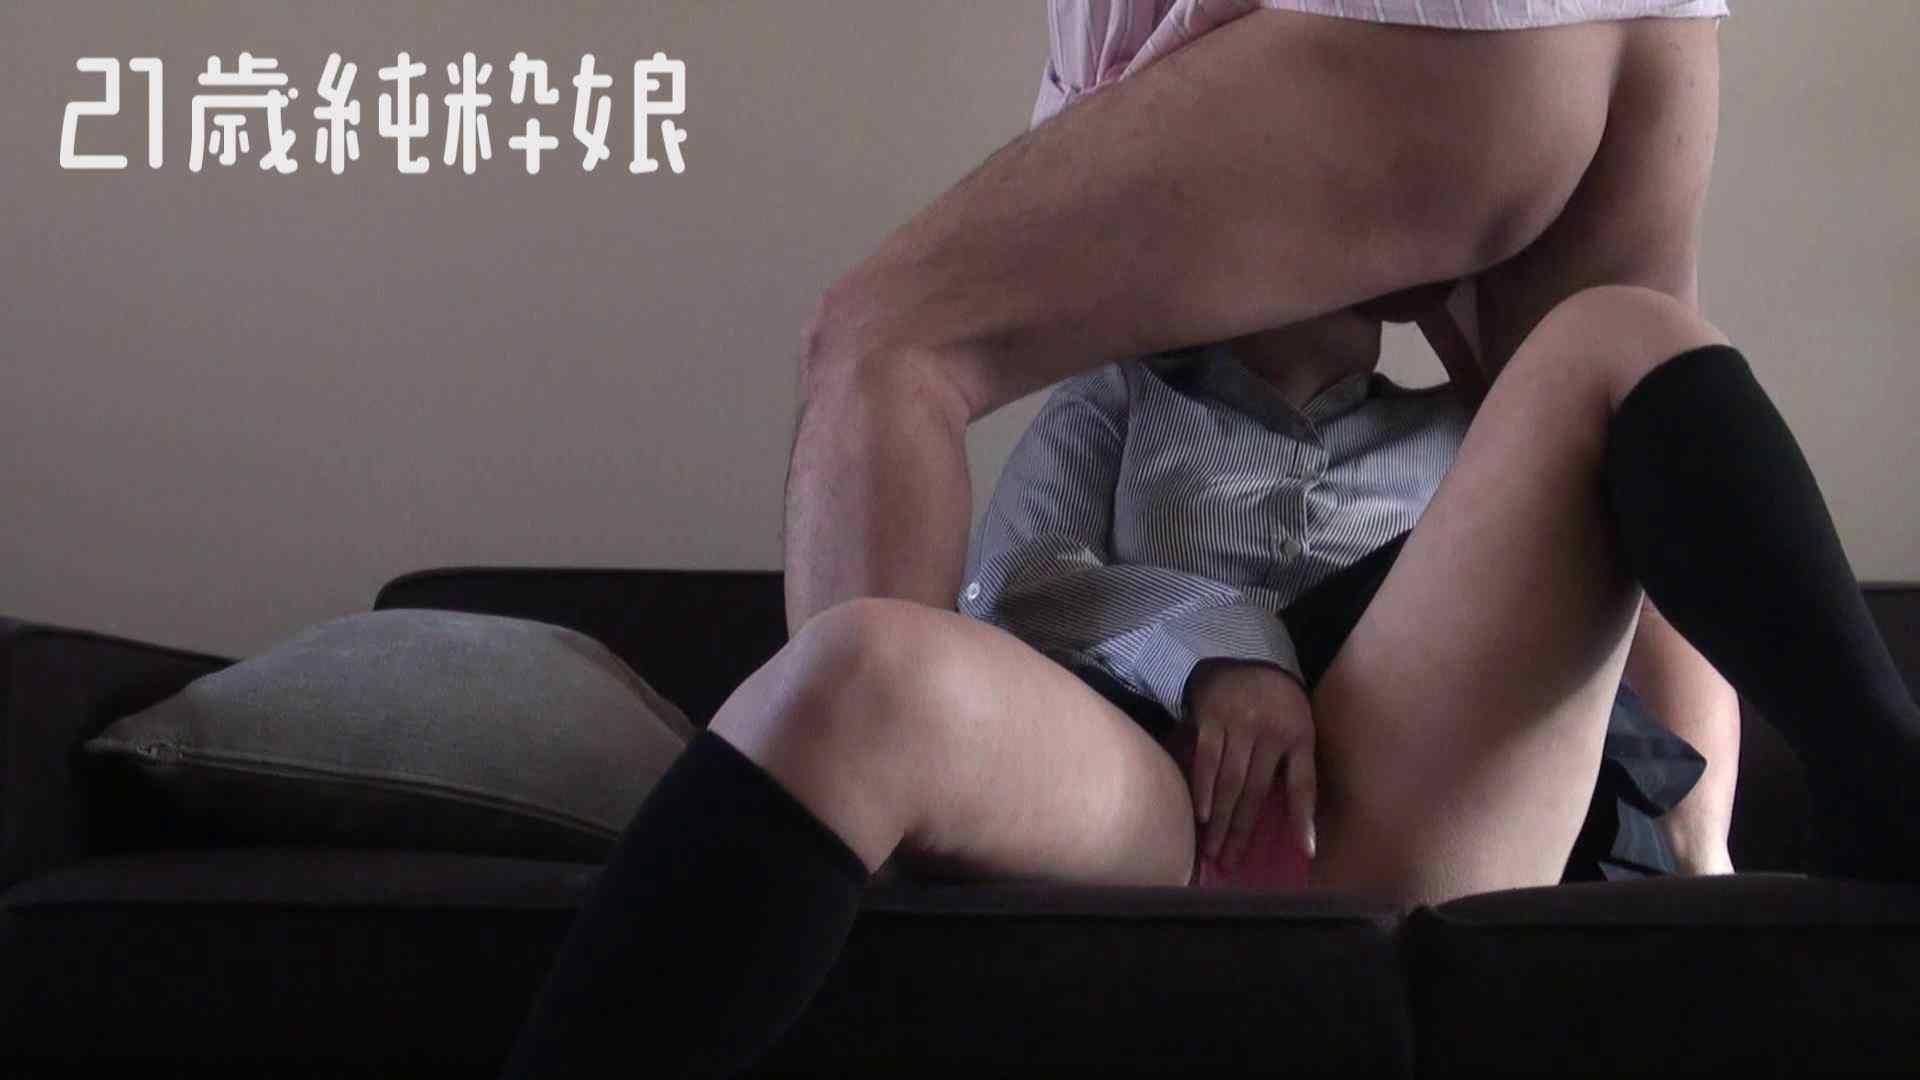 上京したばかりのGカップ21歳純粋嬢を都合の良い女にしてみた3 一般投稿 | オナニー特集  54画像 7